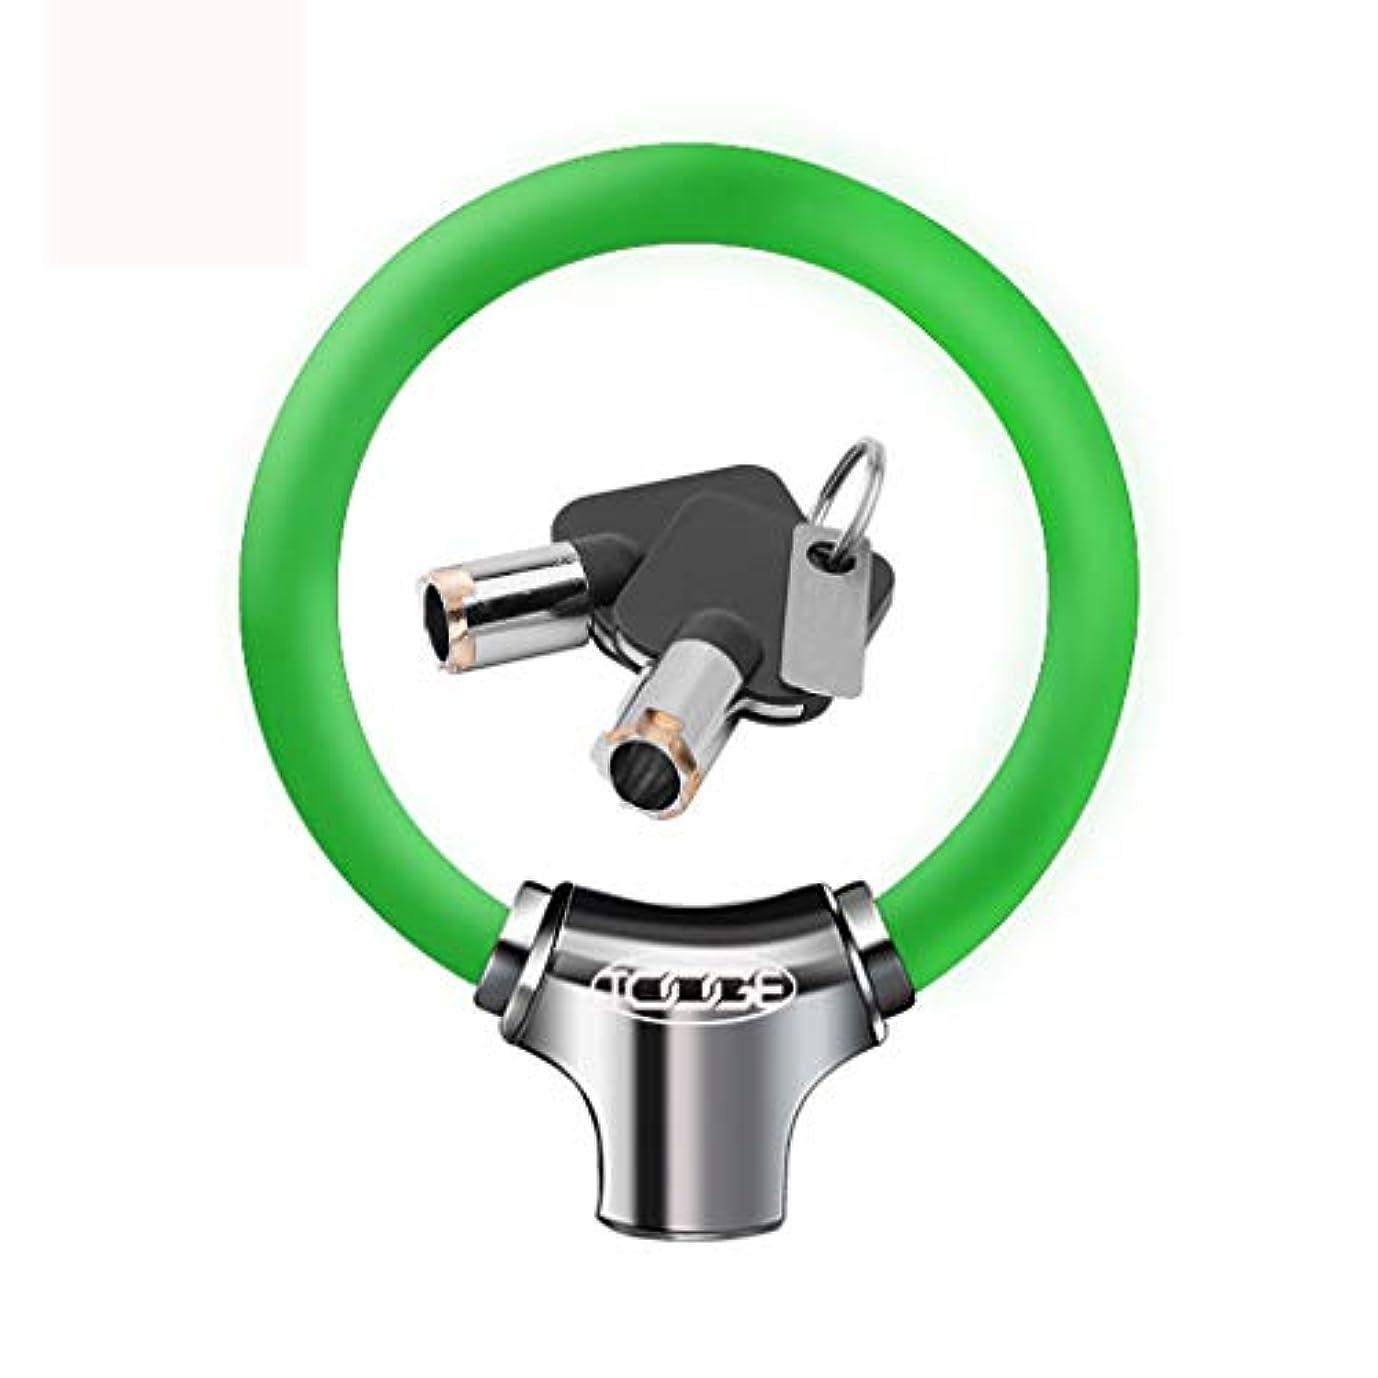 お手伝いさん本当に反発するYLIAN 自転車ロック バイクロックオートバイロックディスクロックリングロック亜鉛合金+ PVC小型およびポータブル (Color : D)